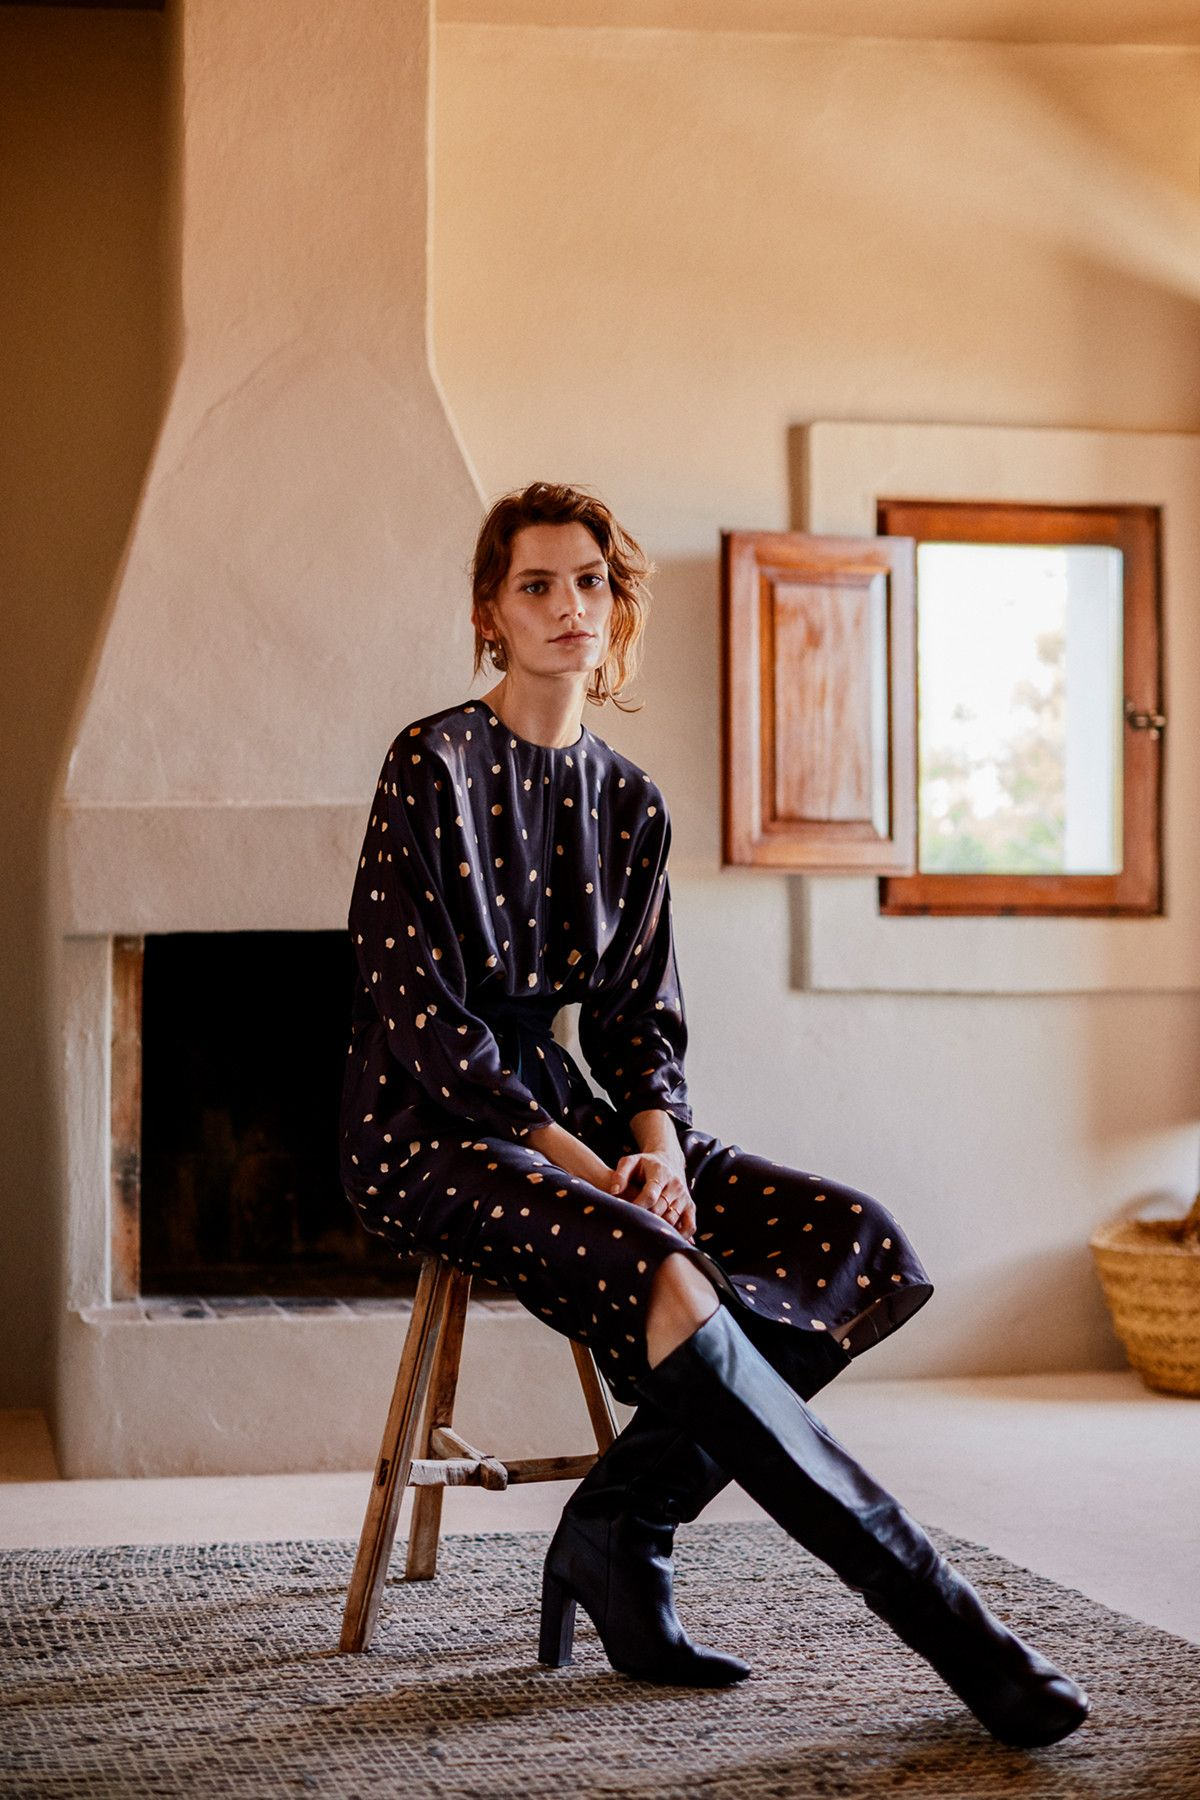 barato para la venta primer nivel mejor precio MANGO READY-TO-WEAR FALL-WINTER 2018-2019,FASHION | Vogue